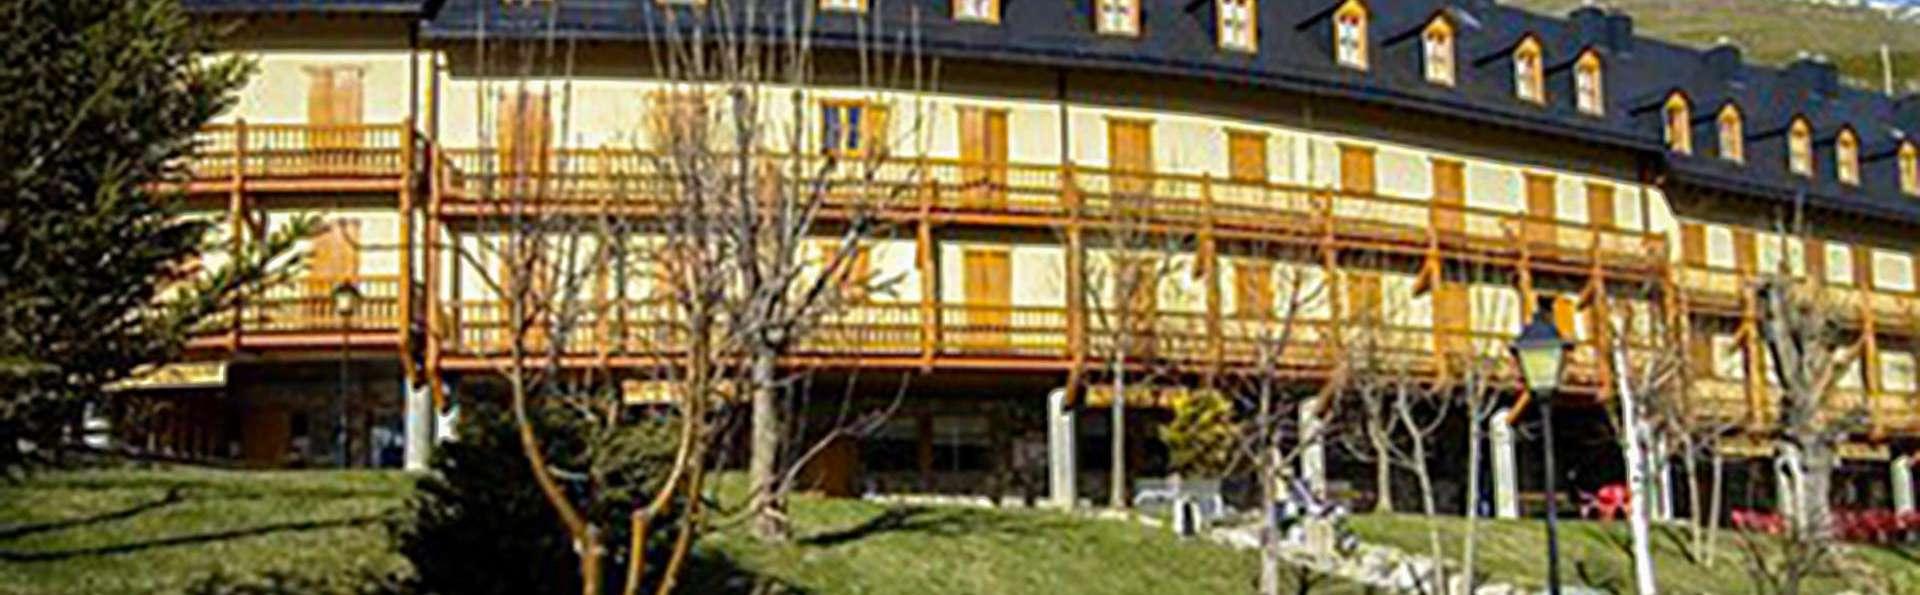 Apartamentos La Solana - EDIT_AERIAL_01.jpg